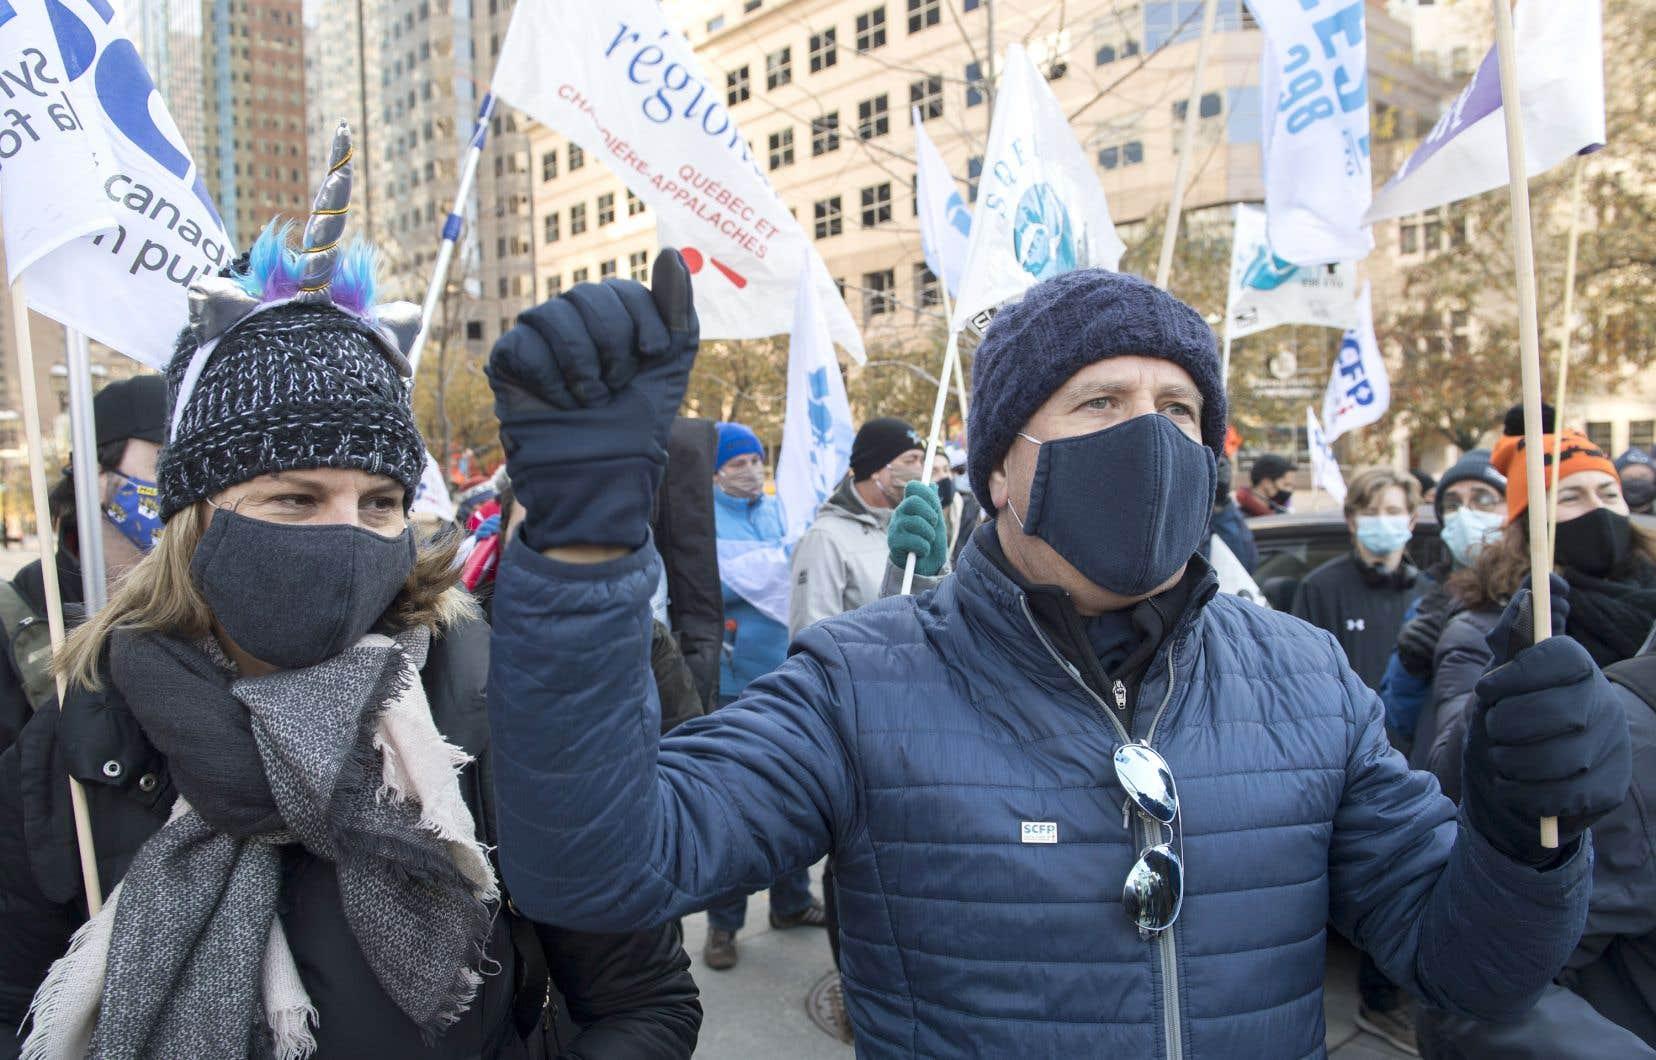 L'ouverture de Sonia LeBel suffira-t-elle à convaincre les syndicats de la valeur de l'entente proposée? Ci-dessus, une photo d'une manifestation de travailleurs du secteur public à Montréal, à la fin d'octobre.